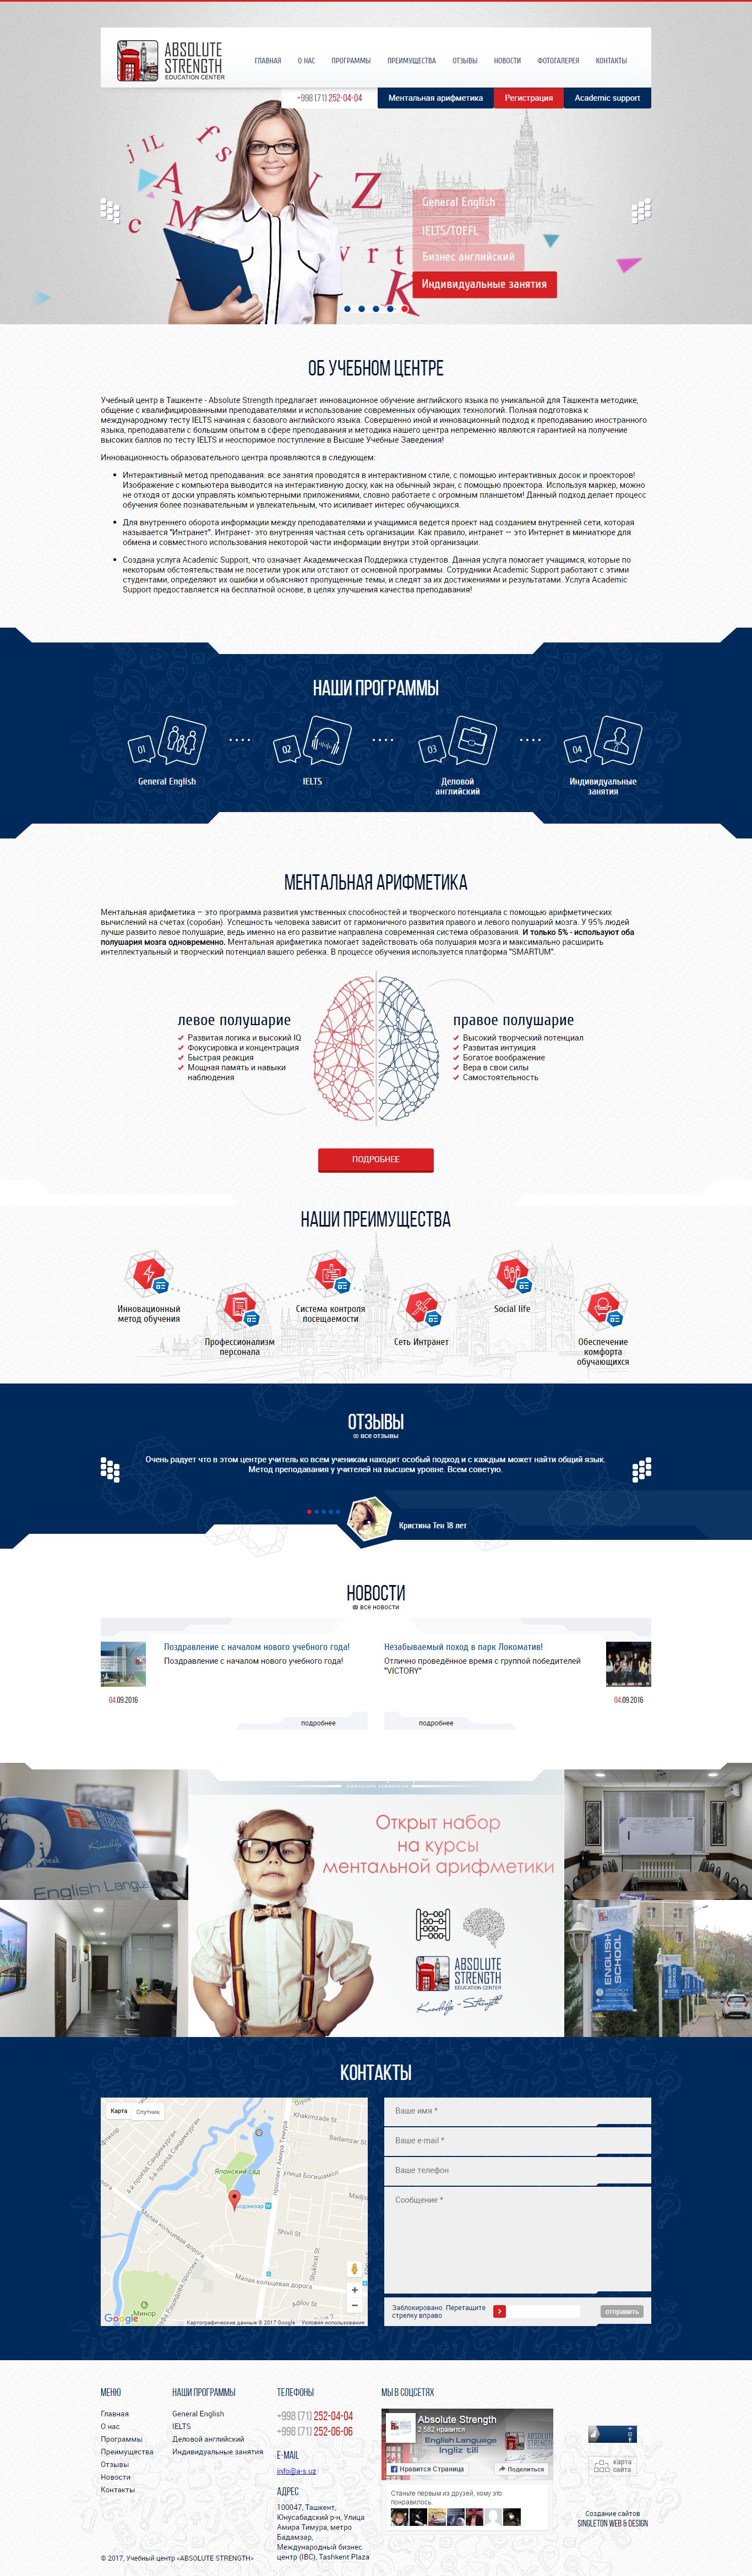 Дизайн сайта для учебного центра